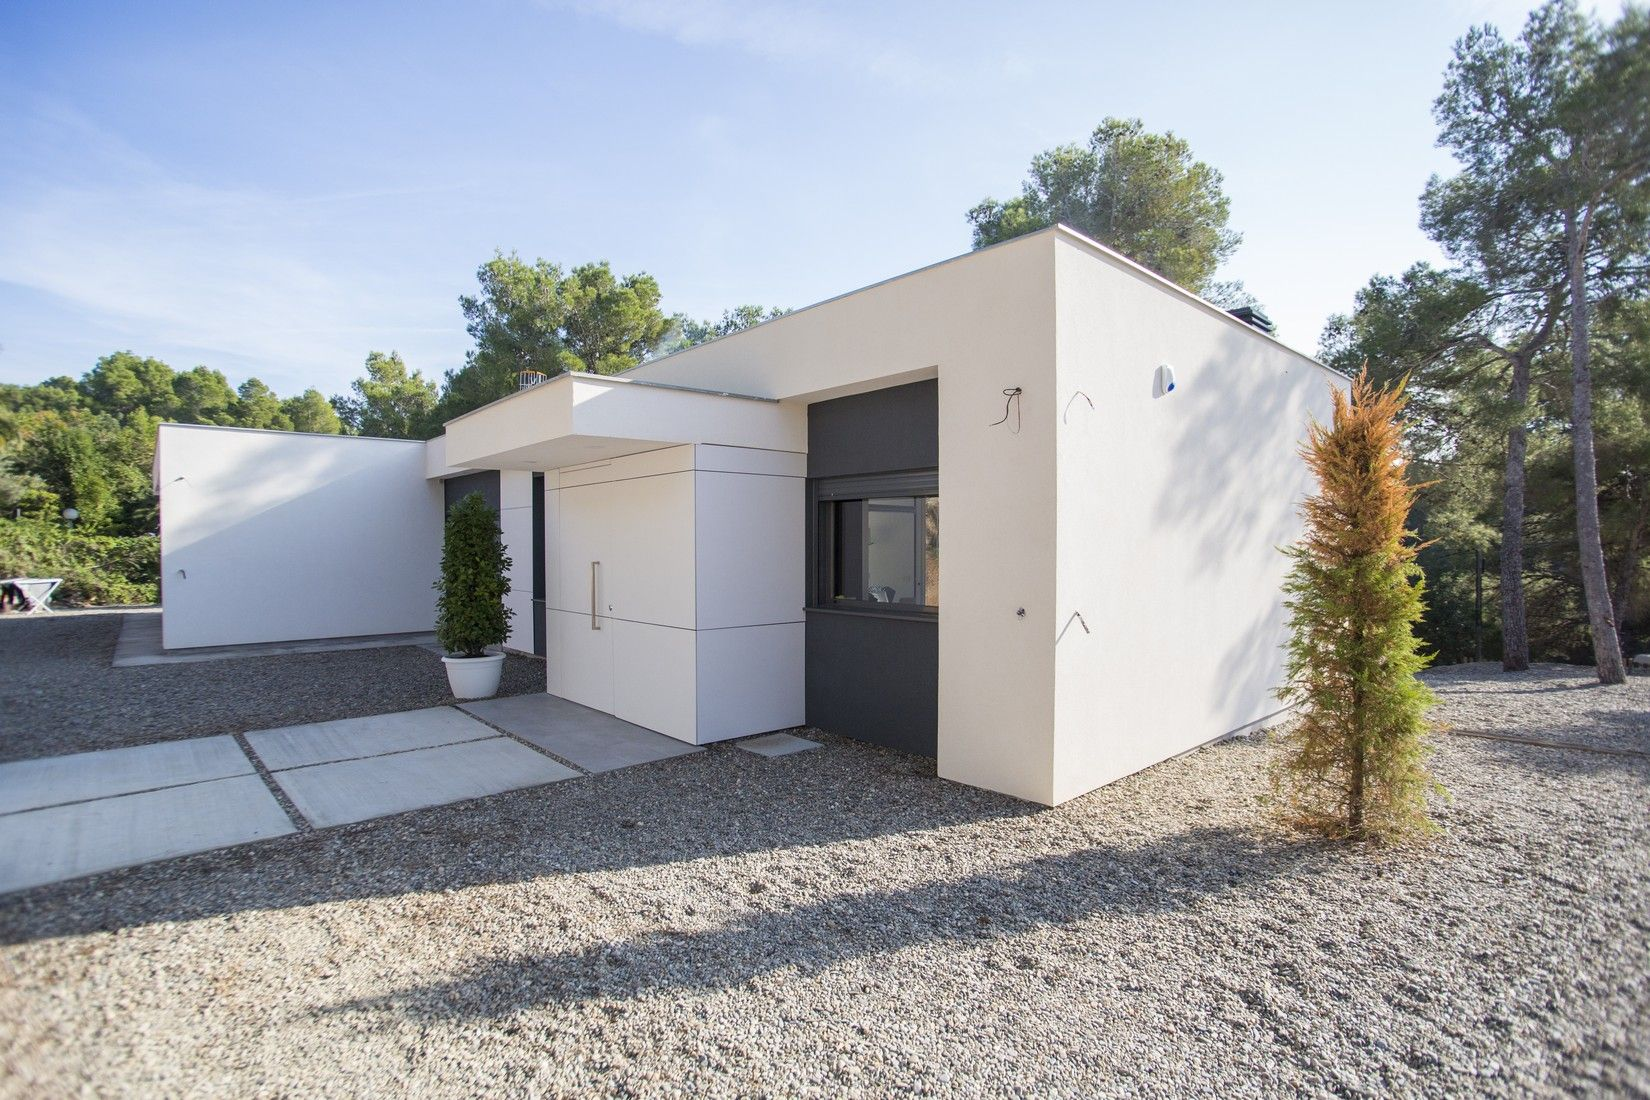 Proyecto casa acero modular prefabricada h jmt to14 tekdom for Casas ideas y proyectos